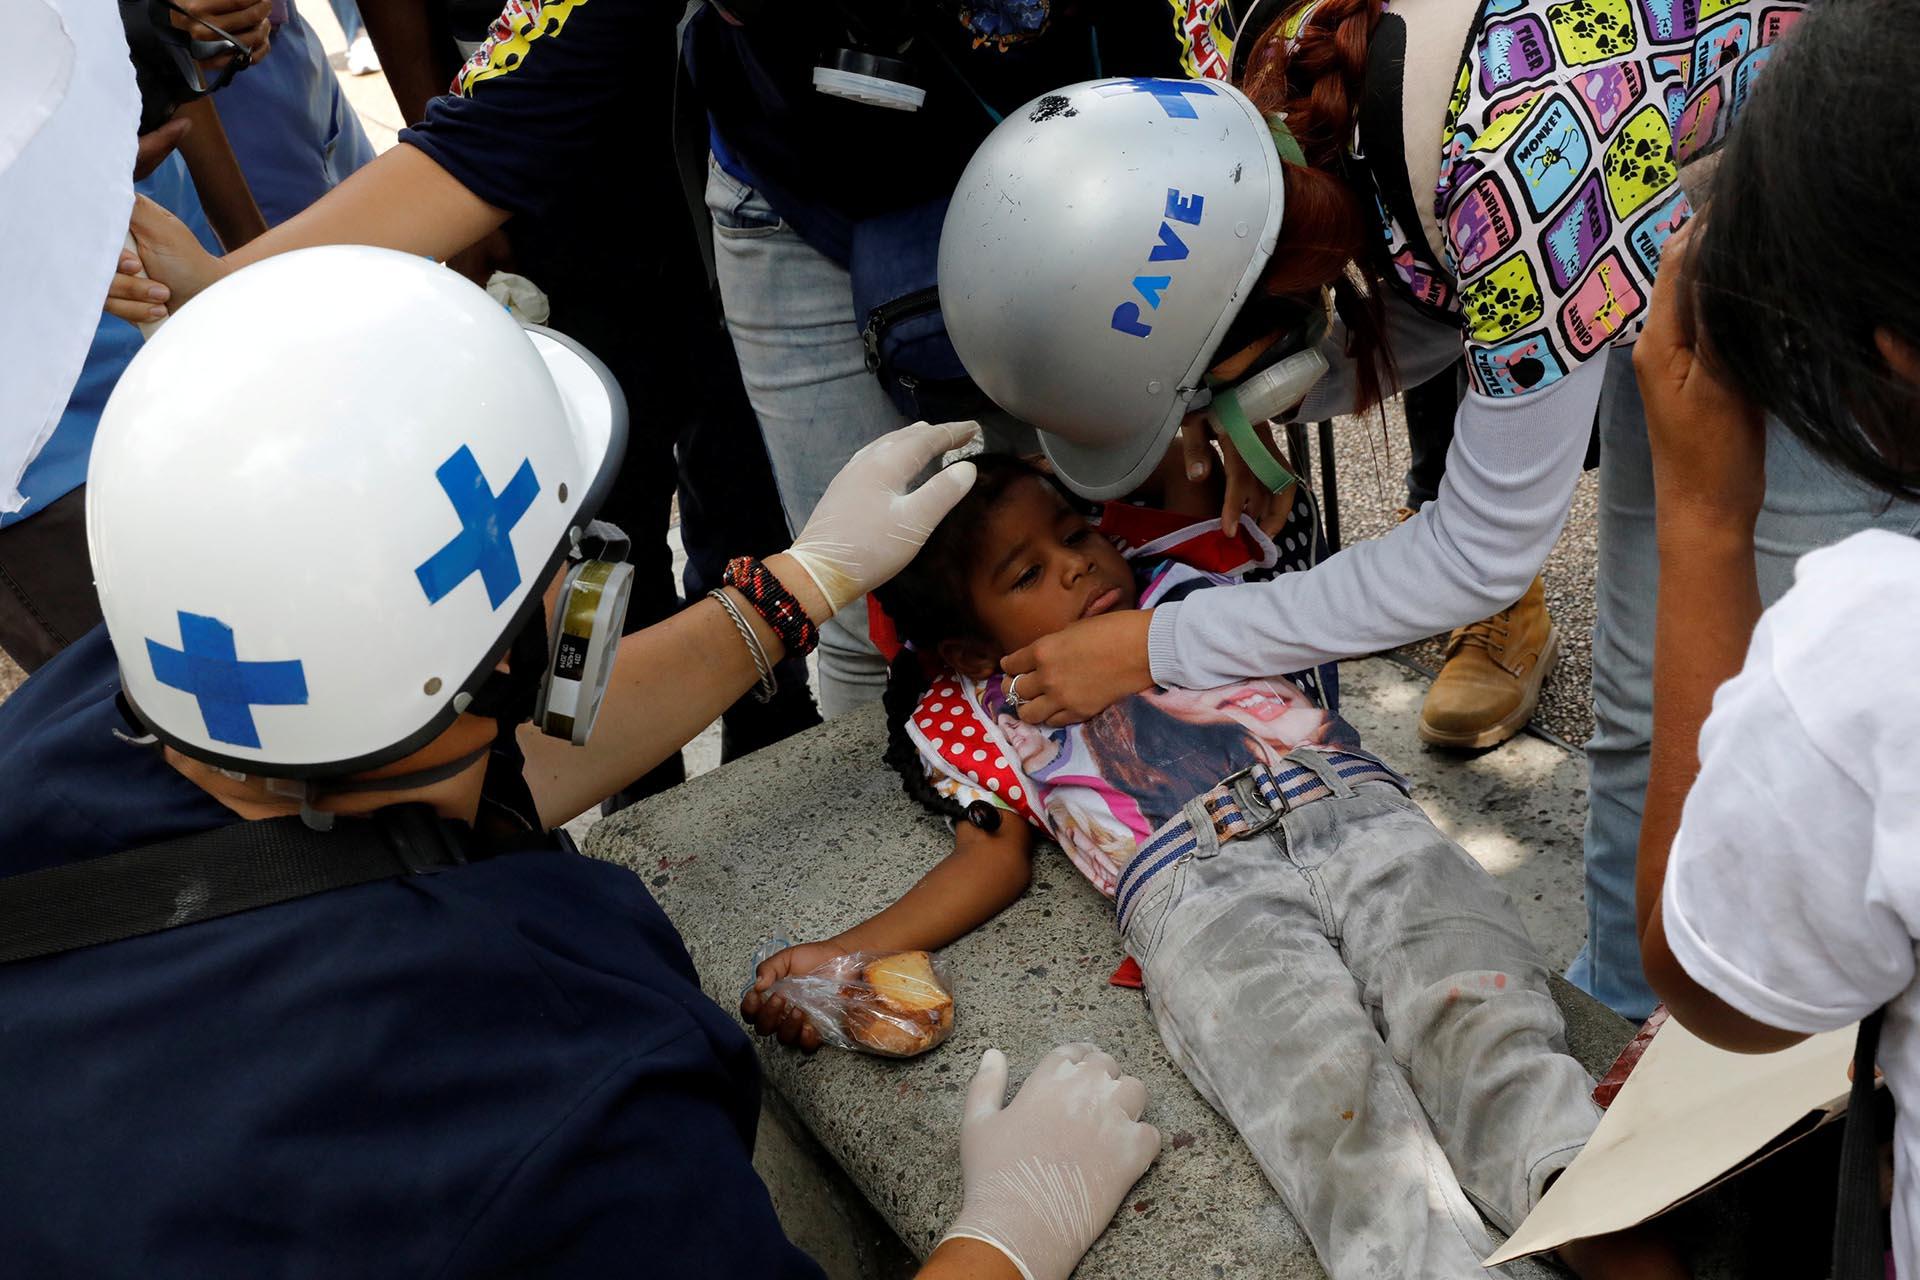 Un niño afectado por gases lacrimógenos es asistido por miembros voluntarios de un equipo de atención primaria durante una manifestación contra el gobierno del presidente de Venezuela, Nicolás Maduro, en Caracas